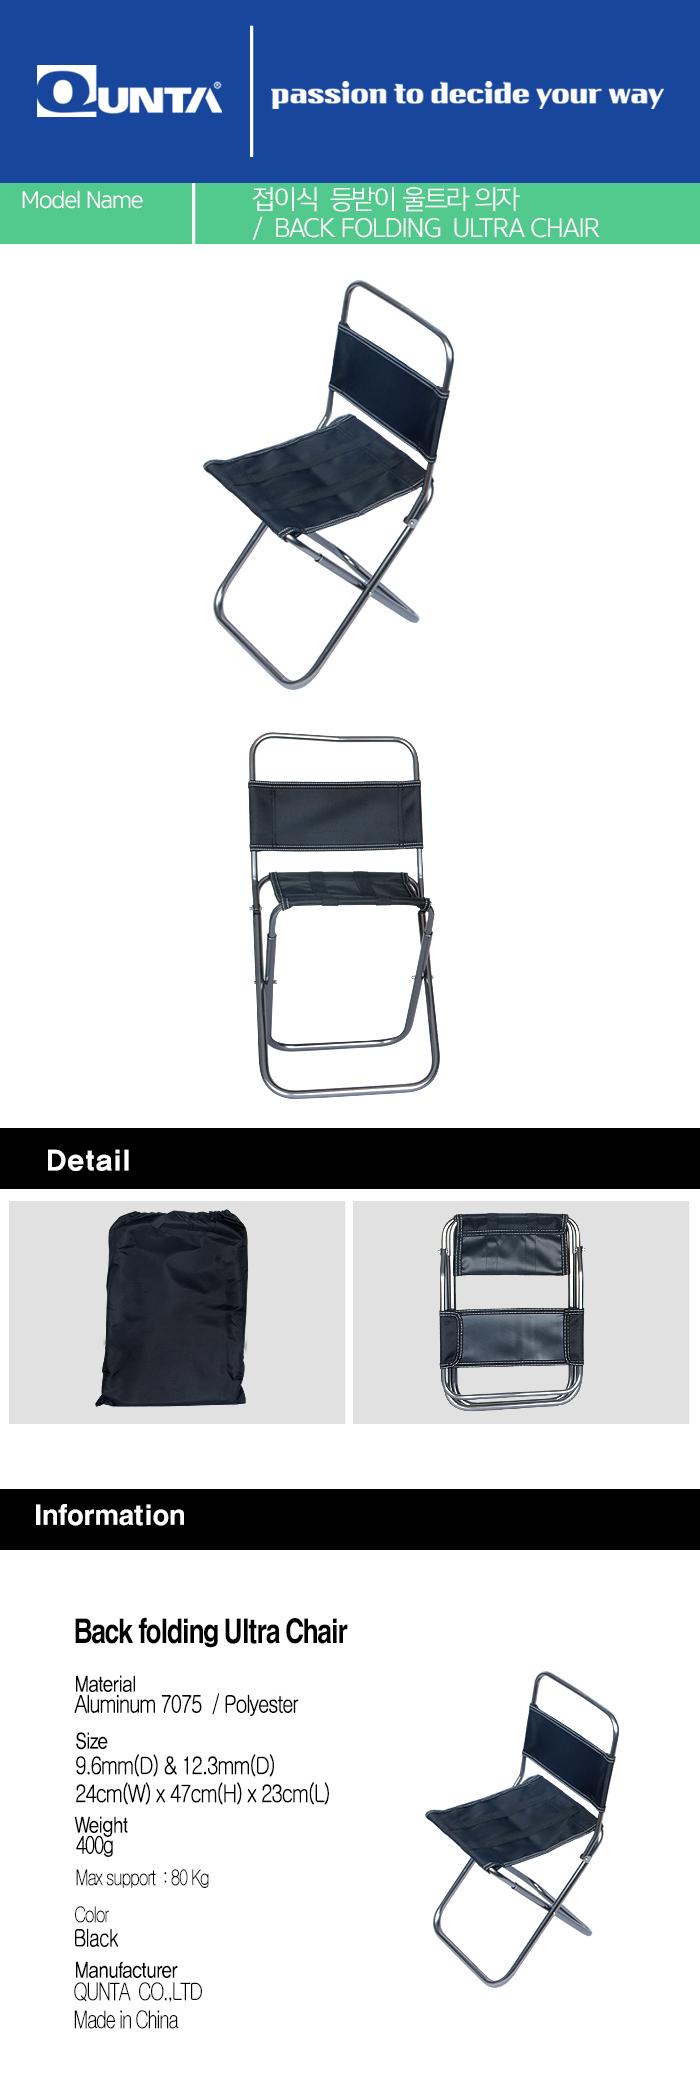 쿤타 낚시 캠핑 등산 미니 접이식 휴대 의자 쿤타 BBQ체어